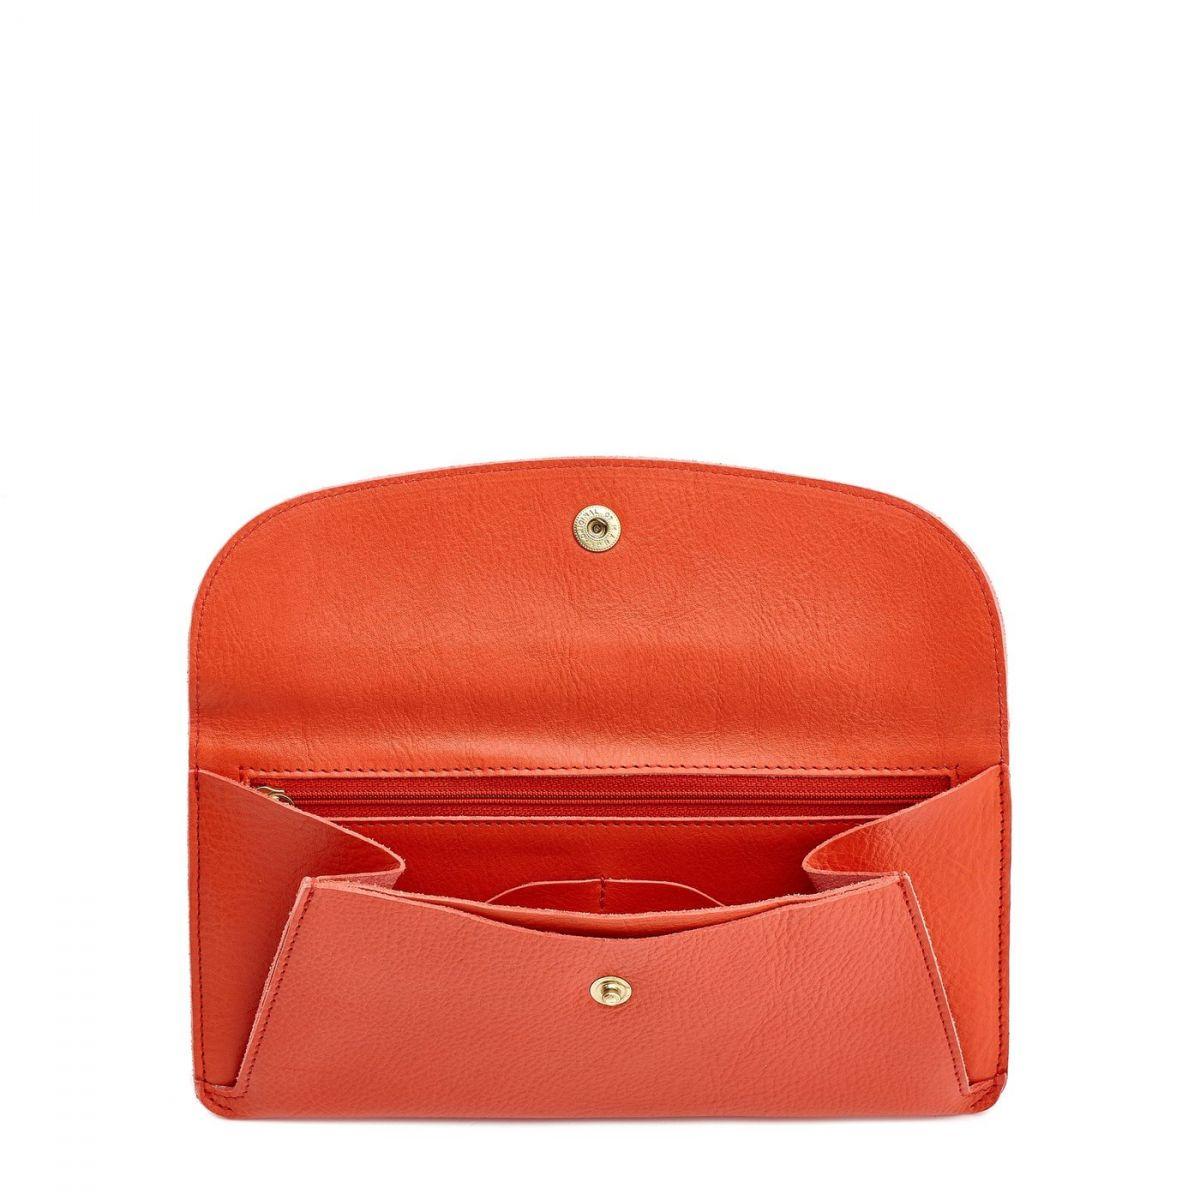 Portefeuille pour Femme  en Cuir De Vachette SMW116 couleur Gazpacho   Details